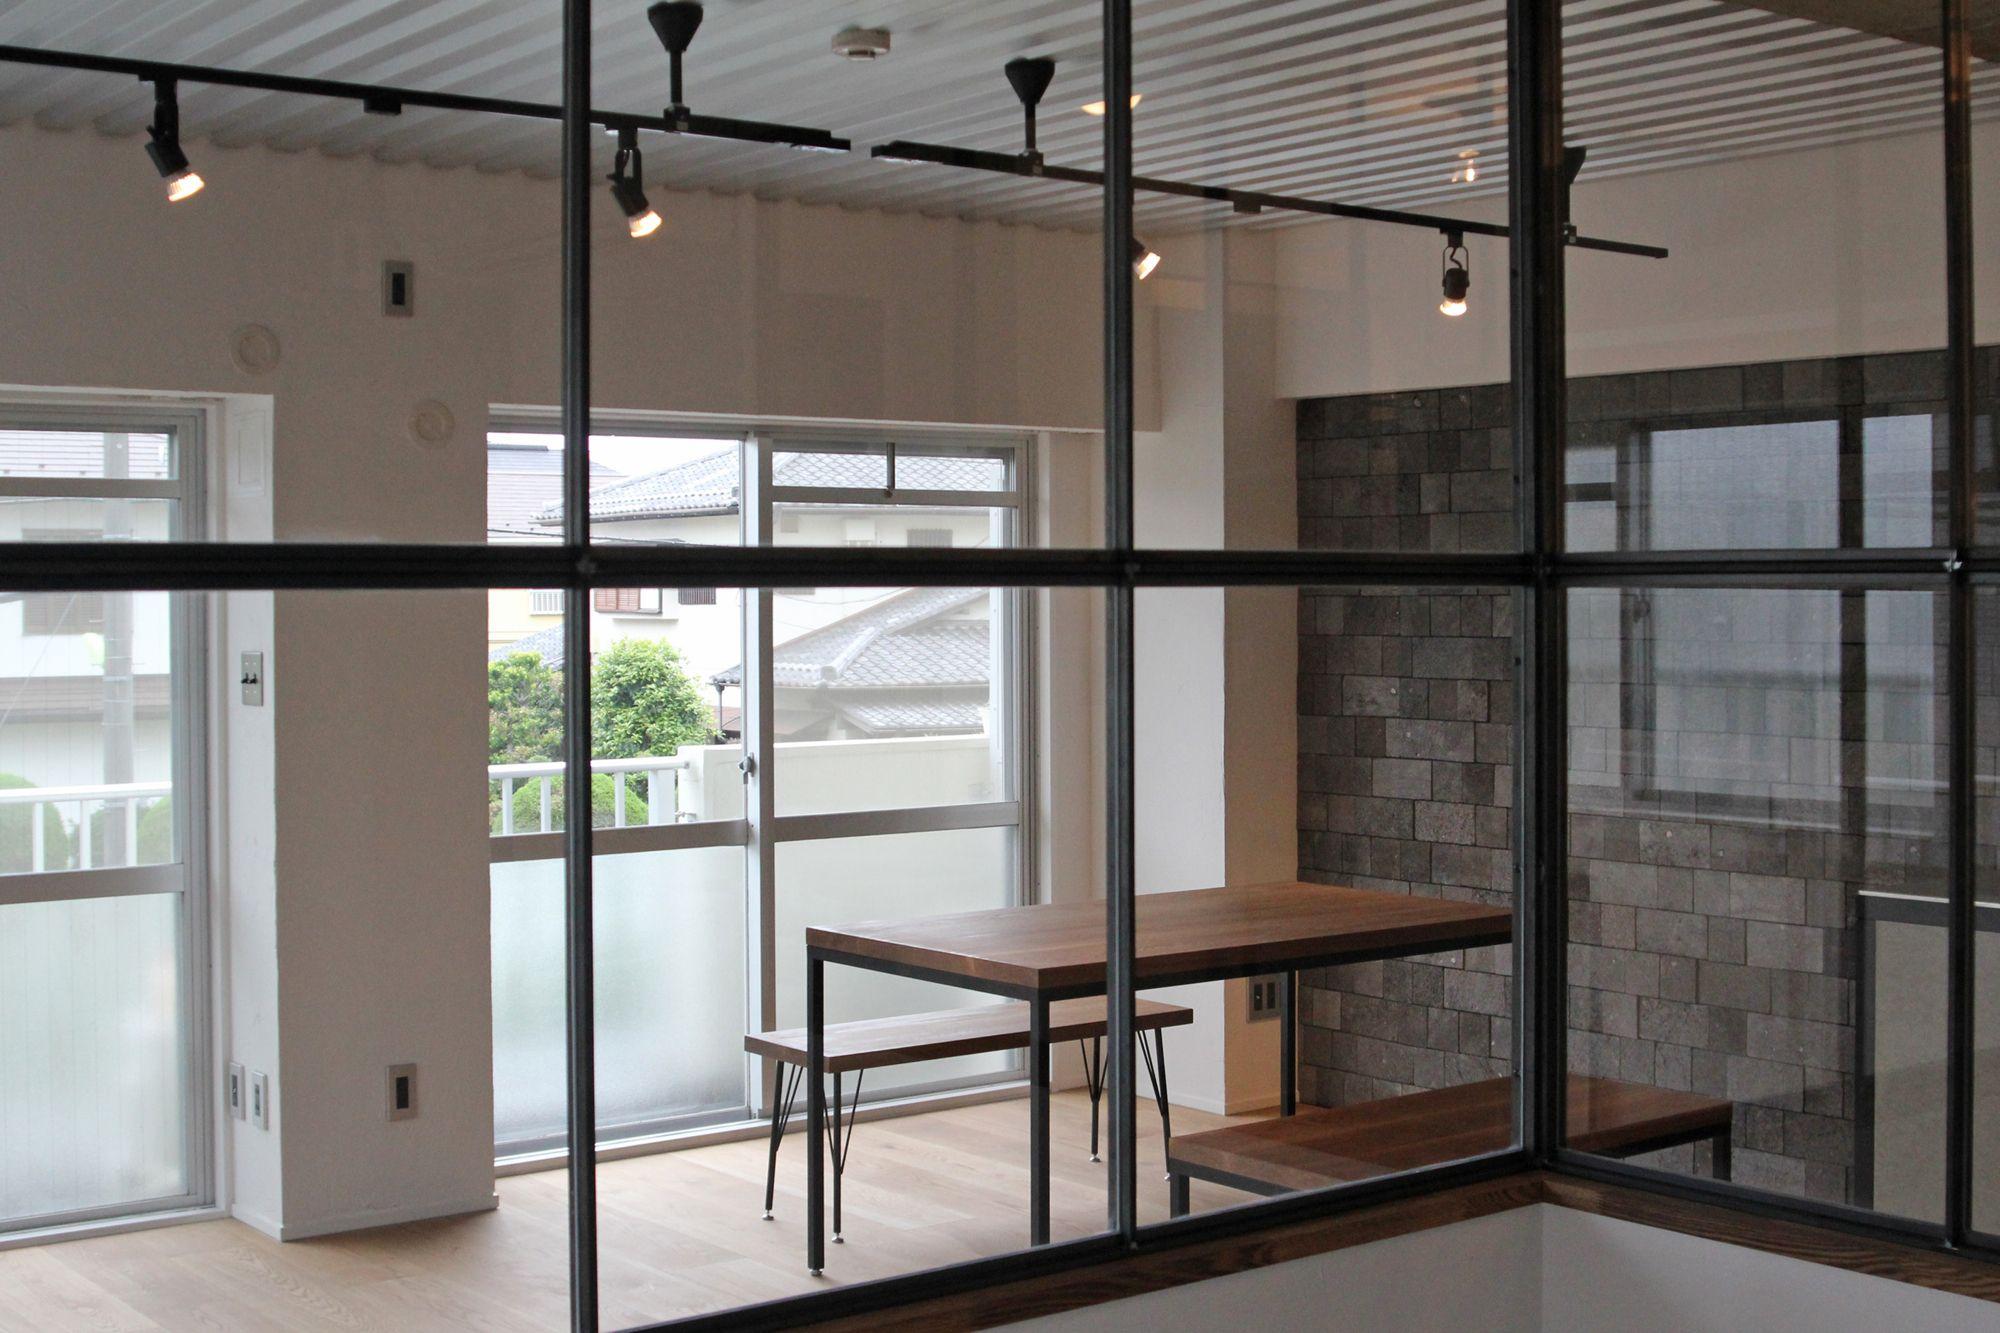 スチール天井 アイアンフレーム窓 溶岩石タイル の三拍子 室内窓